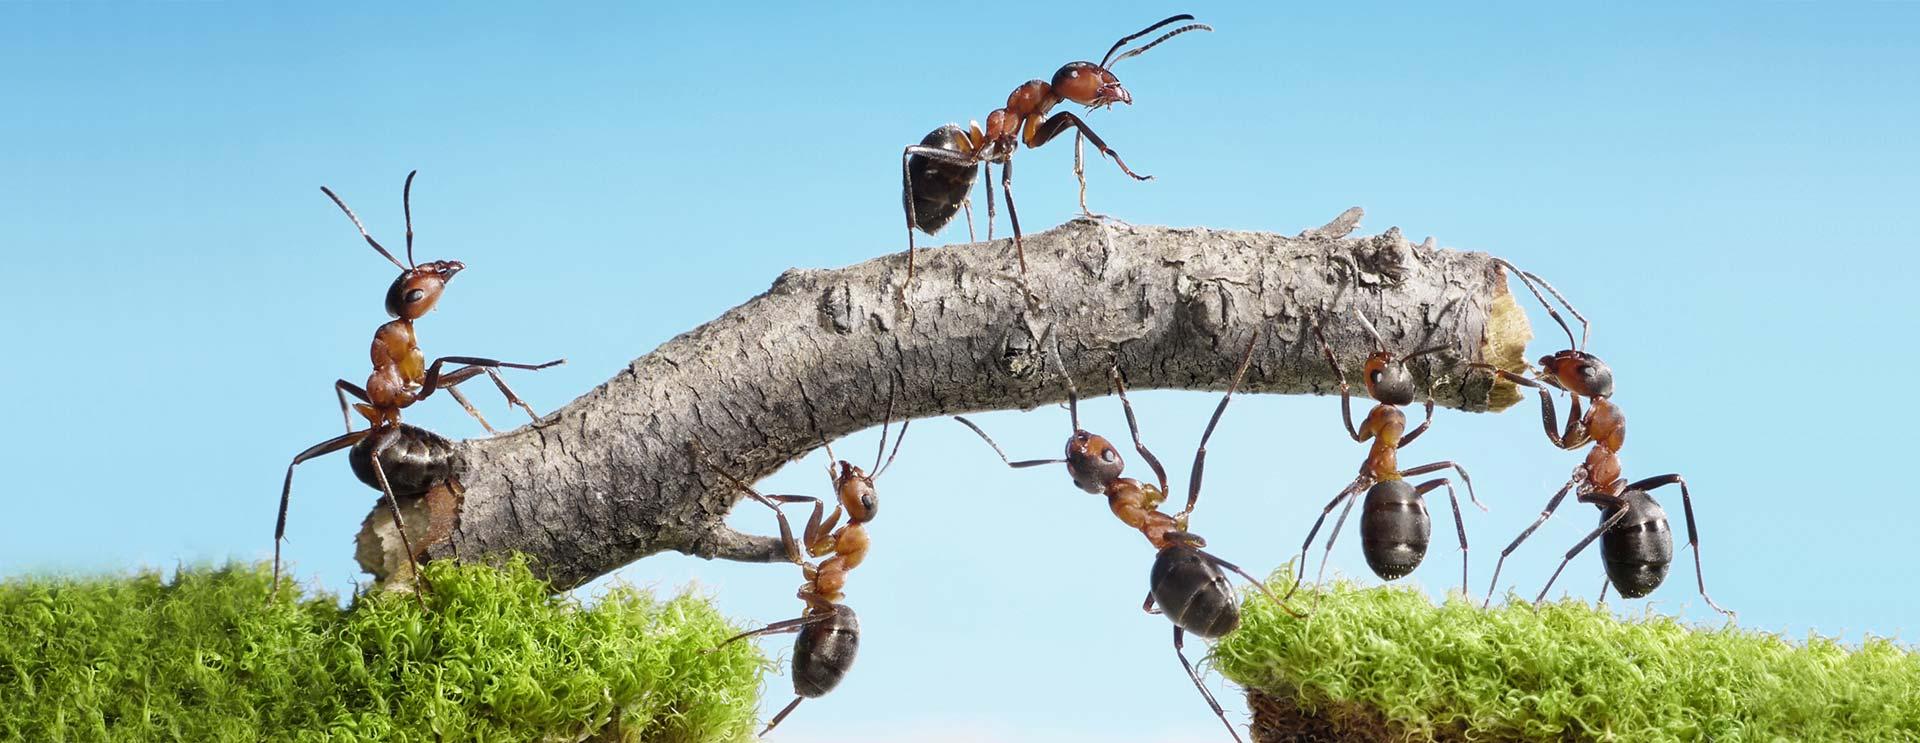 Ameisen tragen einen Ast über einen Abgrund